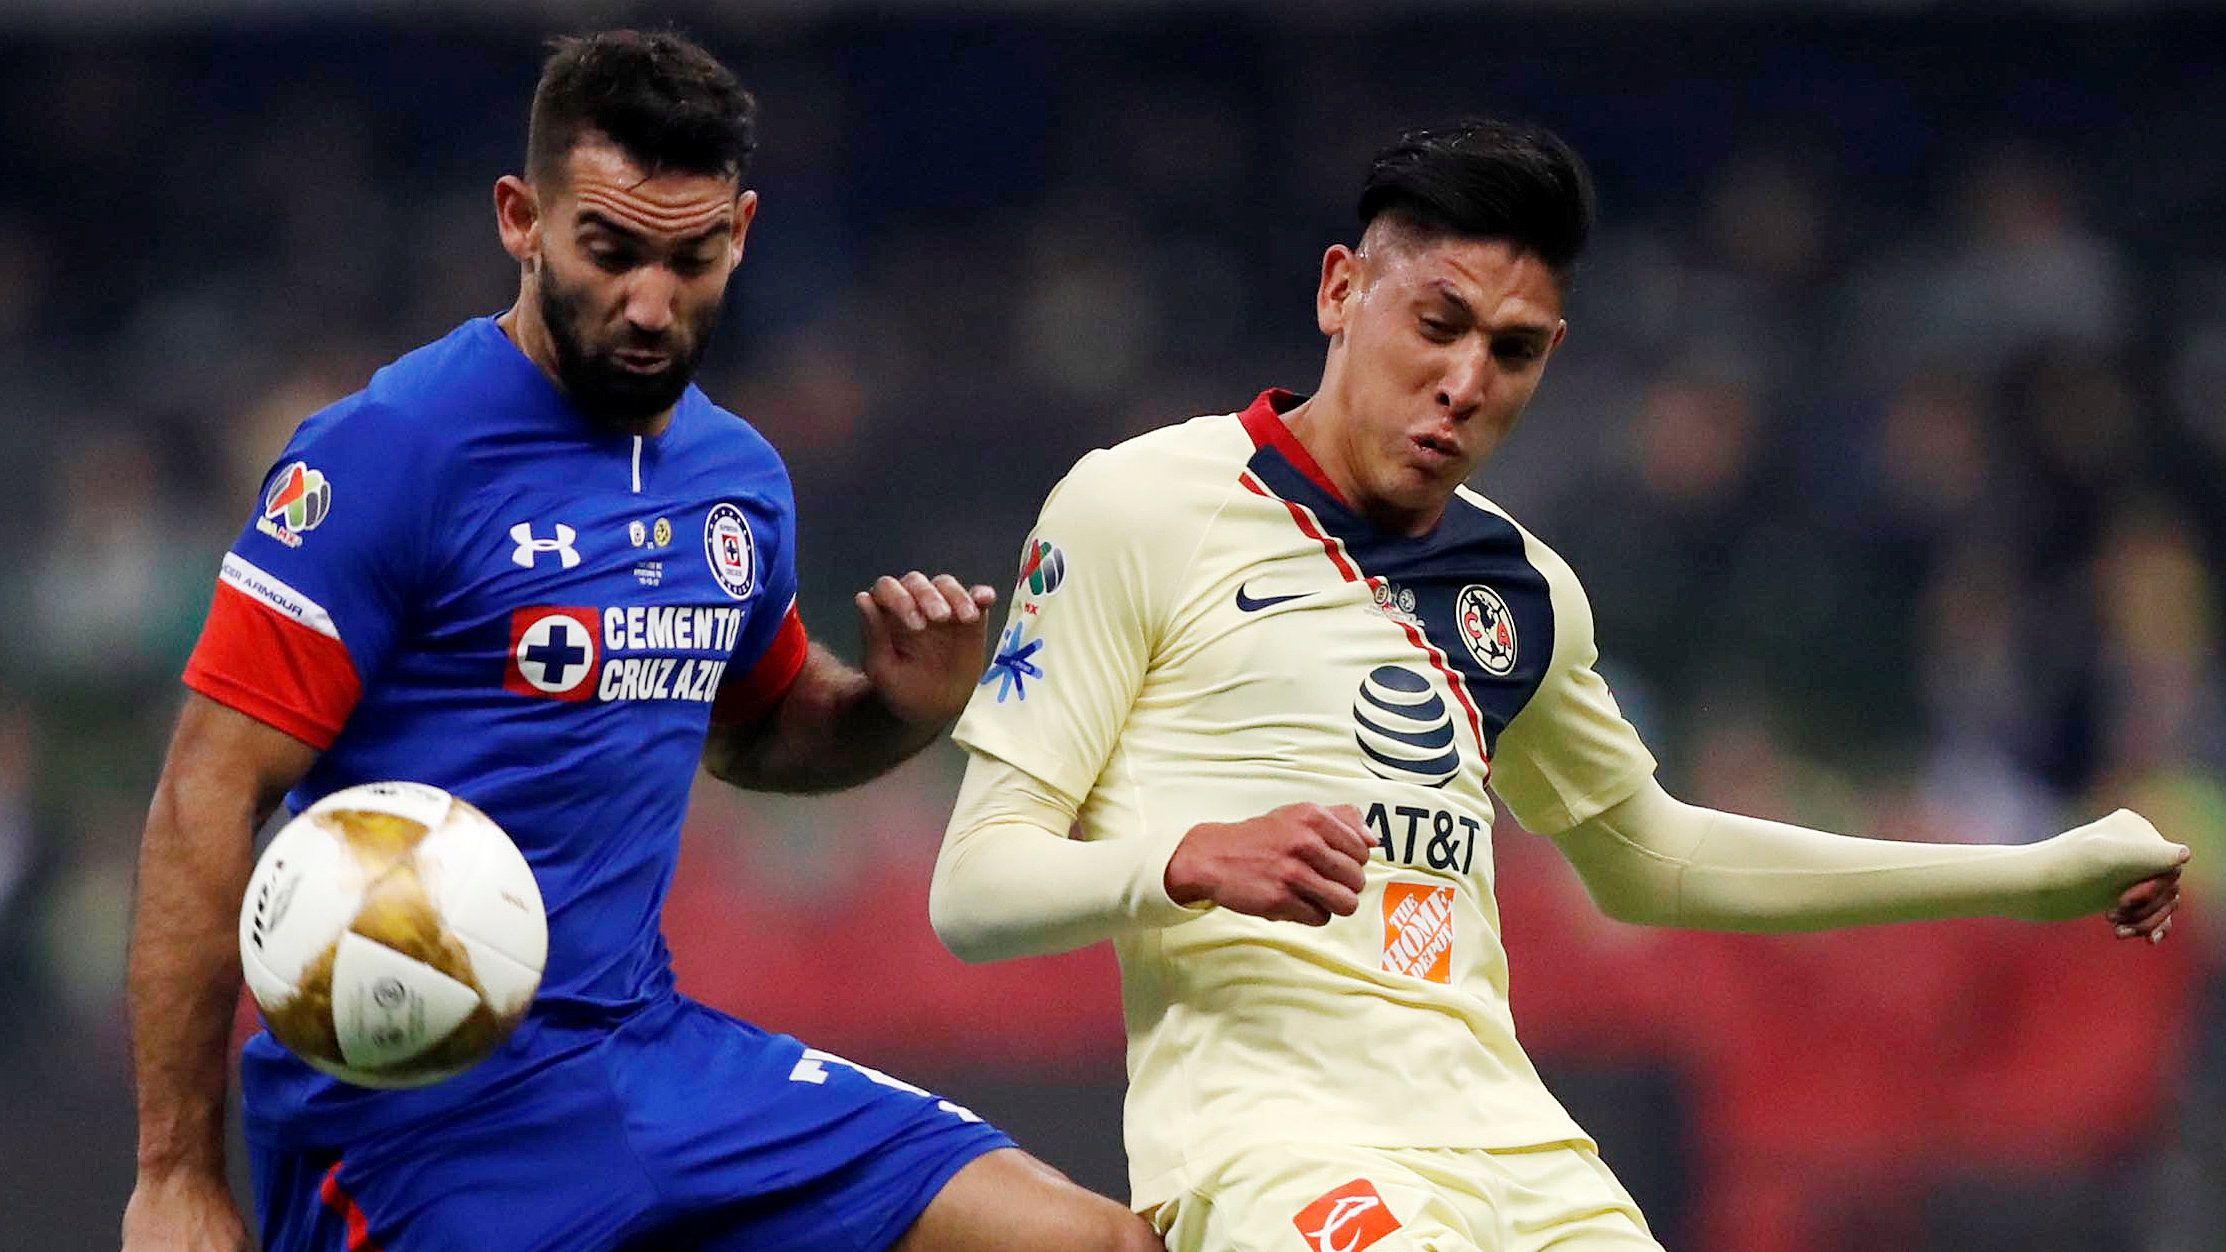 América contra Cruz Azul en el estadio Azteca (Foto: Reuters / Edgard Garrido)